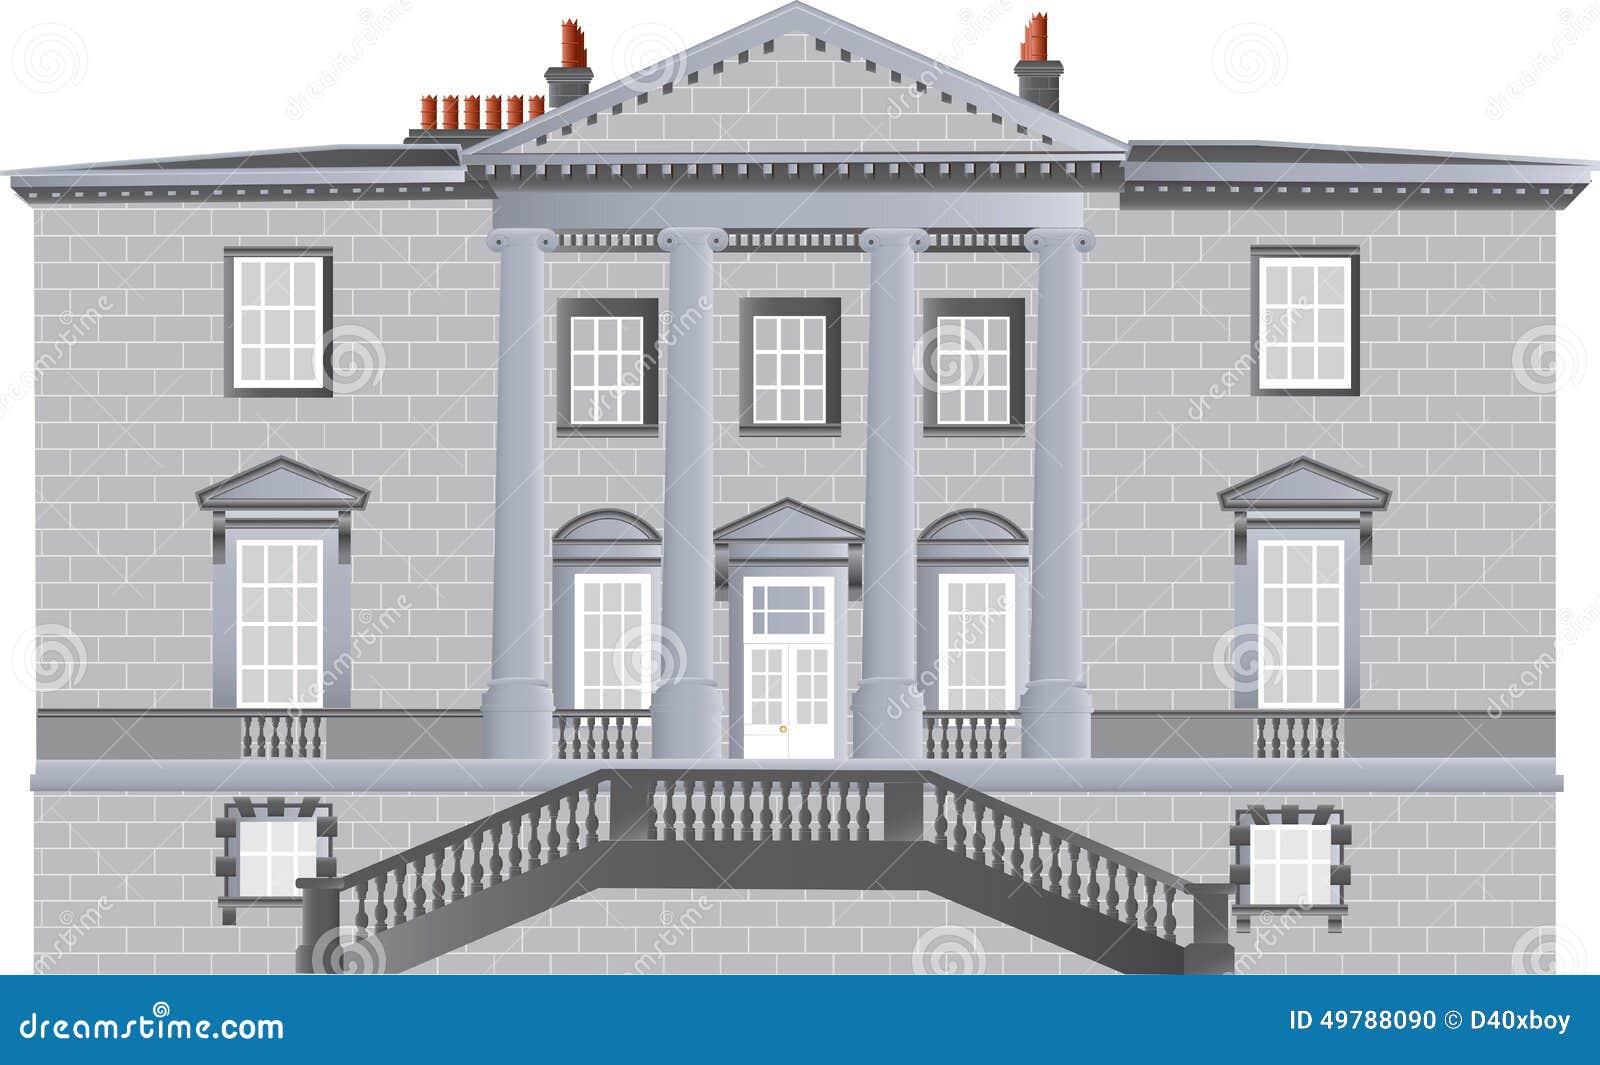 Casa di campagna inglese illustrazione vettoriale for Design di casa di campagna inglese